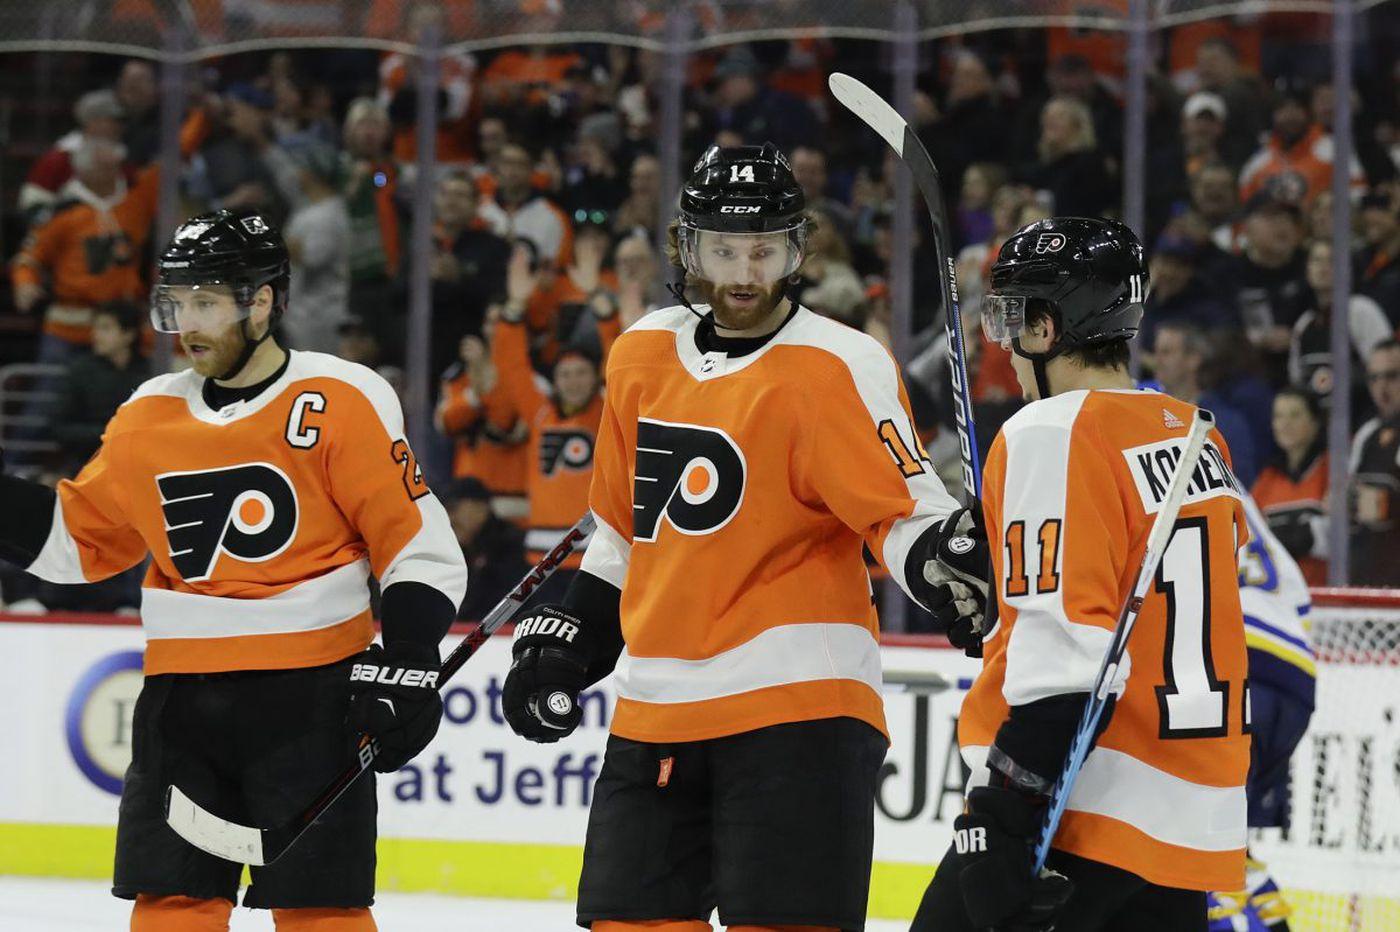 Flyers' Claude Giroux back among NHL's elite | Sam Carchidi